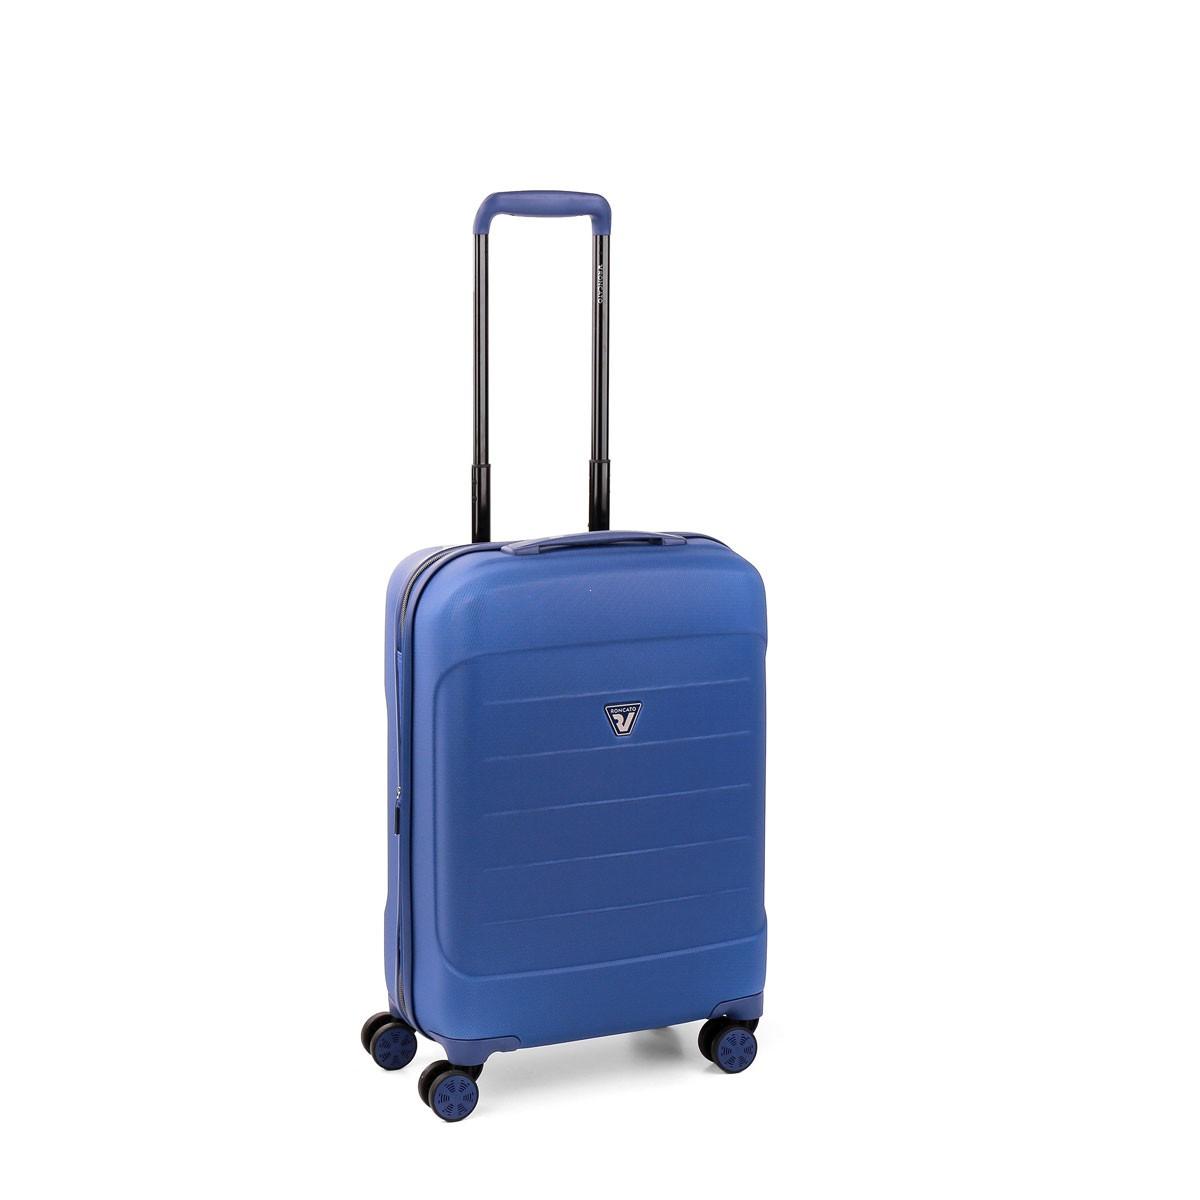 60897d018c014 Roncato FiberLight Walizka mała niebieska Autoryzowany sklep Roncato